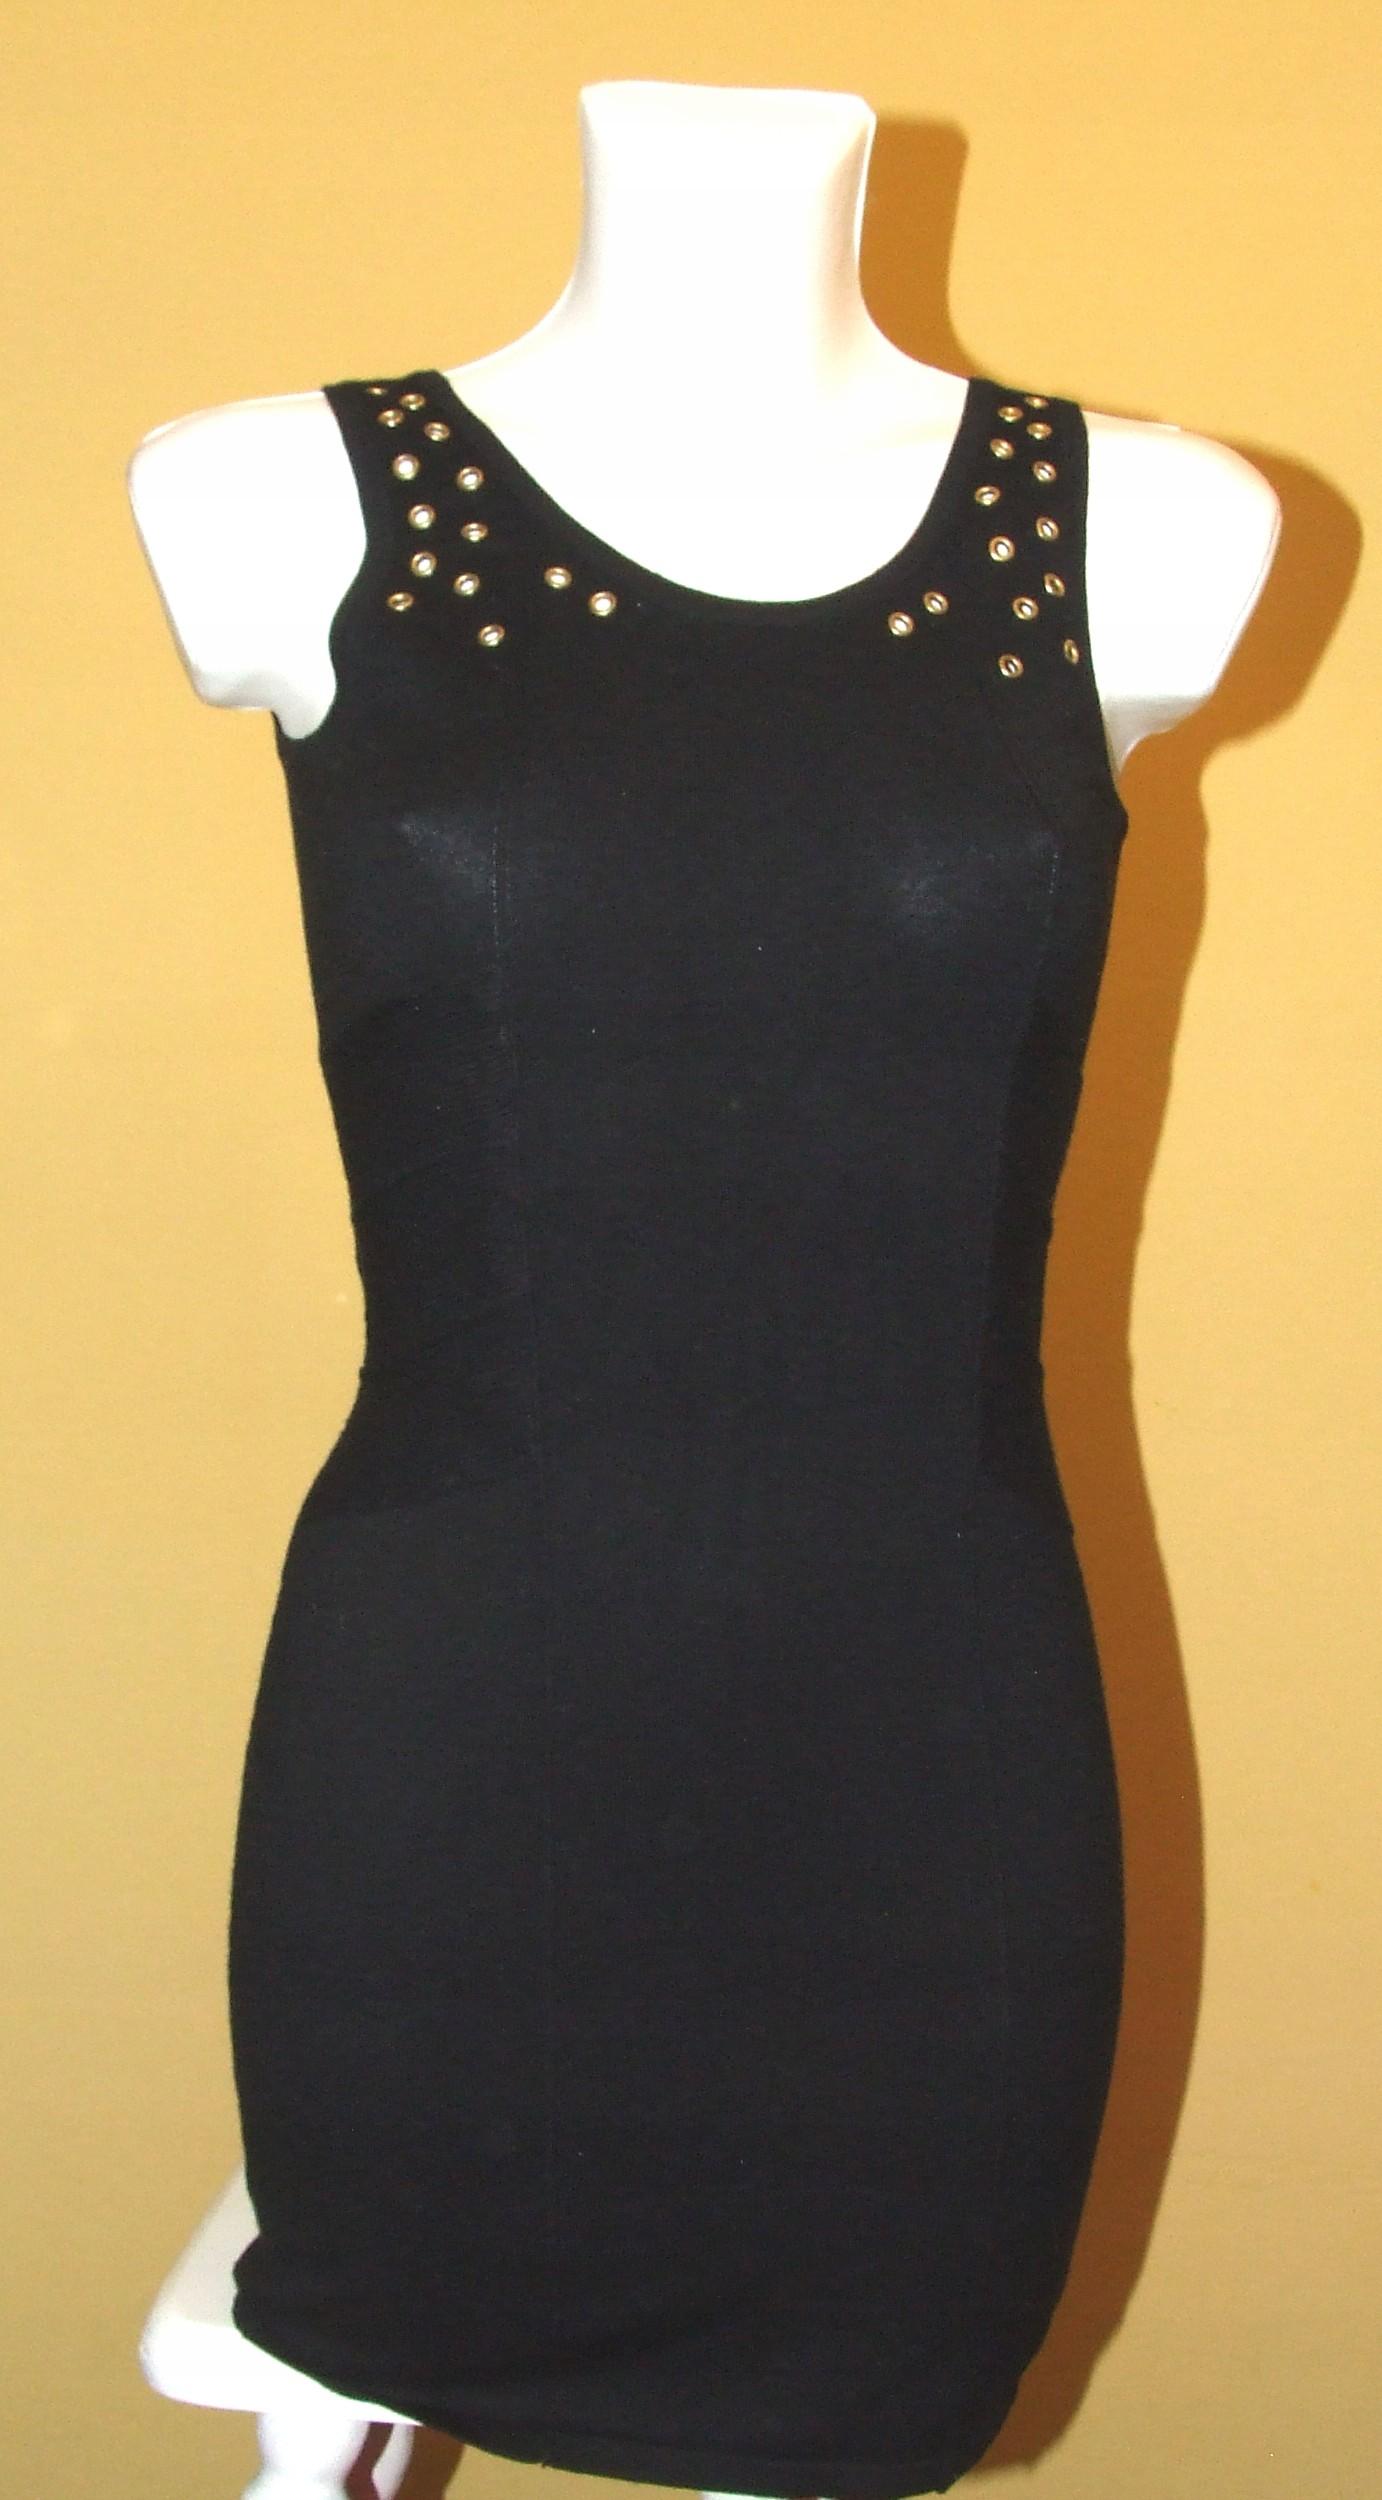 b33962d131 H M Divided czarna letnia sukienka 7543019439 - Allegro.pl - Więcej niż  aukcje.